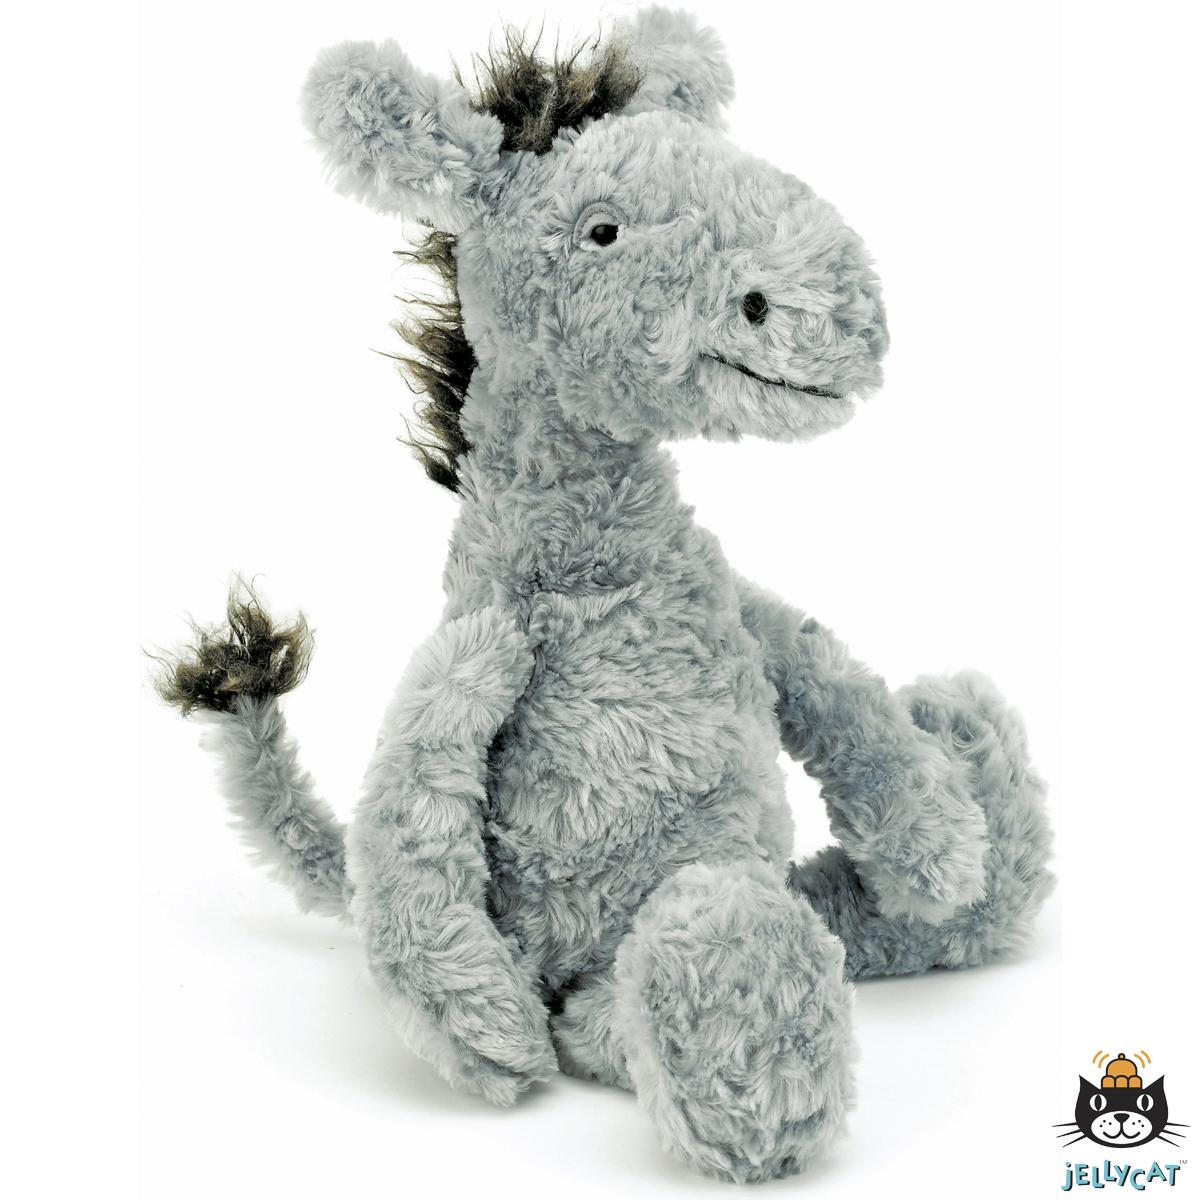 Jellycat uit Londen maakt hoge kwaliteit knuffels met een geheel eigen stijl. Geraffineerde, onweerstaanbare ontwerpen van zacht speelgoed aantrekkelijk voor jong en oud. Jellycat creaties zijn verrukkelijk om te geven en dierbaar om vast te houden. Voor een hele lange tijd. De Jellycat collectie is, met haar mooie ontwerpen om uit te kiezen, echt iets heel speciaals. Door ruim keus uit vele verschillende dieren kiest uw kind altijd zijn of haar favoriet. Reiniging: Jellycat adviseert om de…